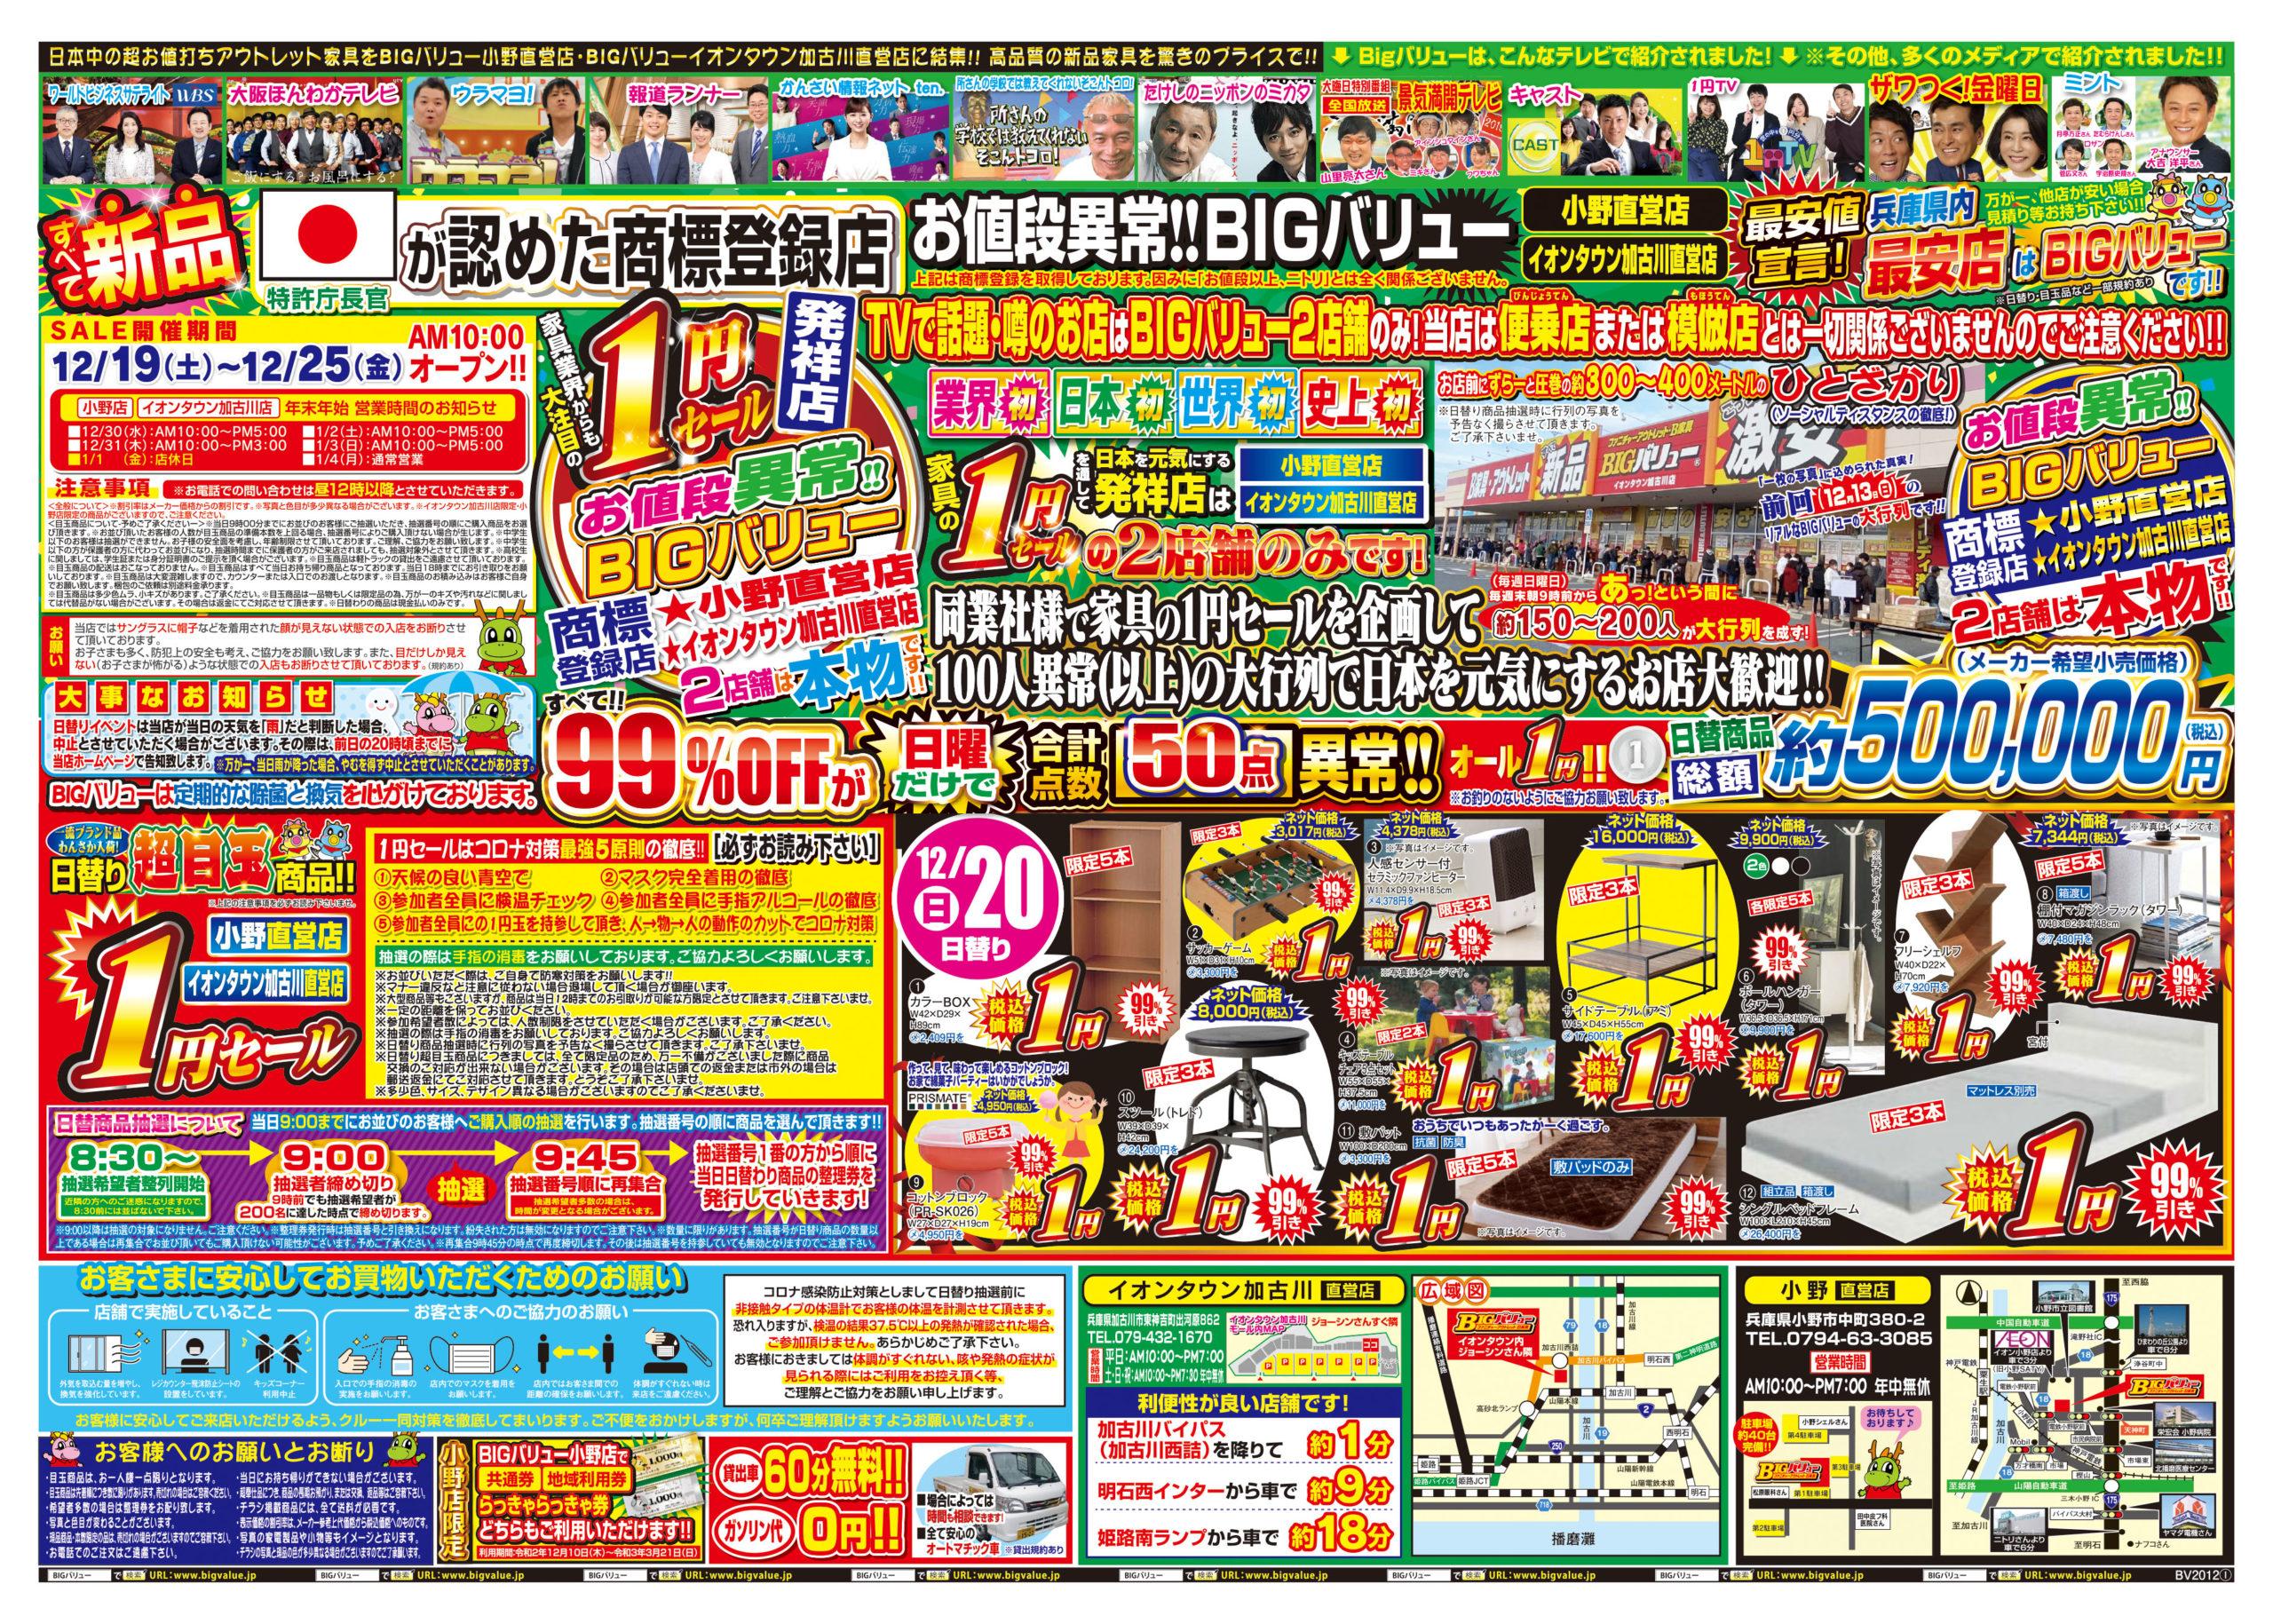 12/20(日)日替り両店開催予定!